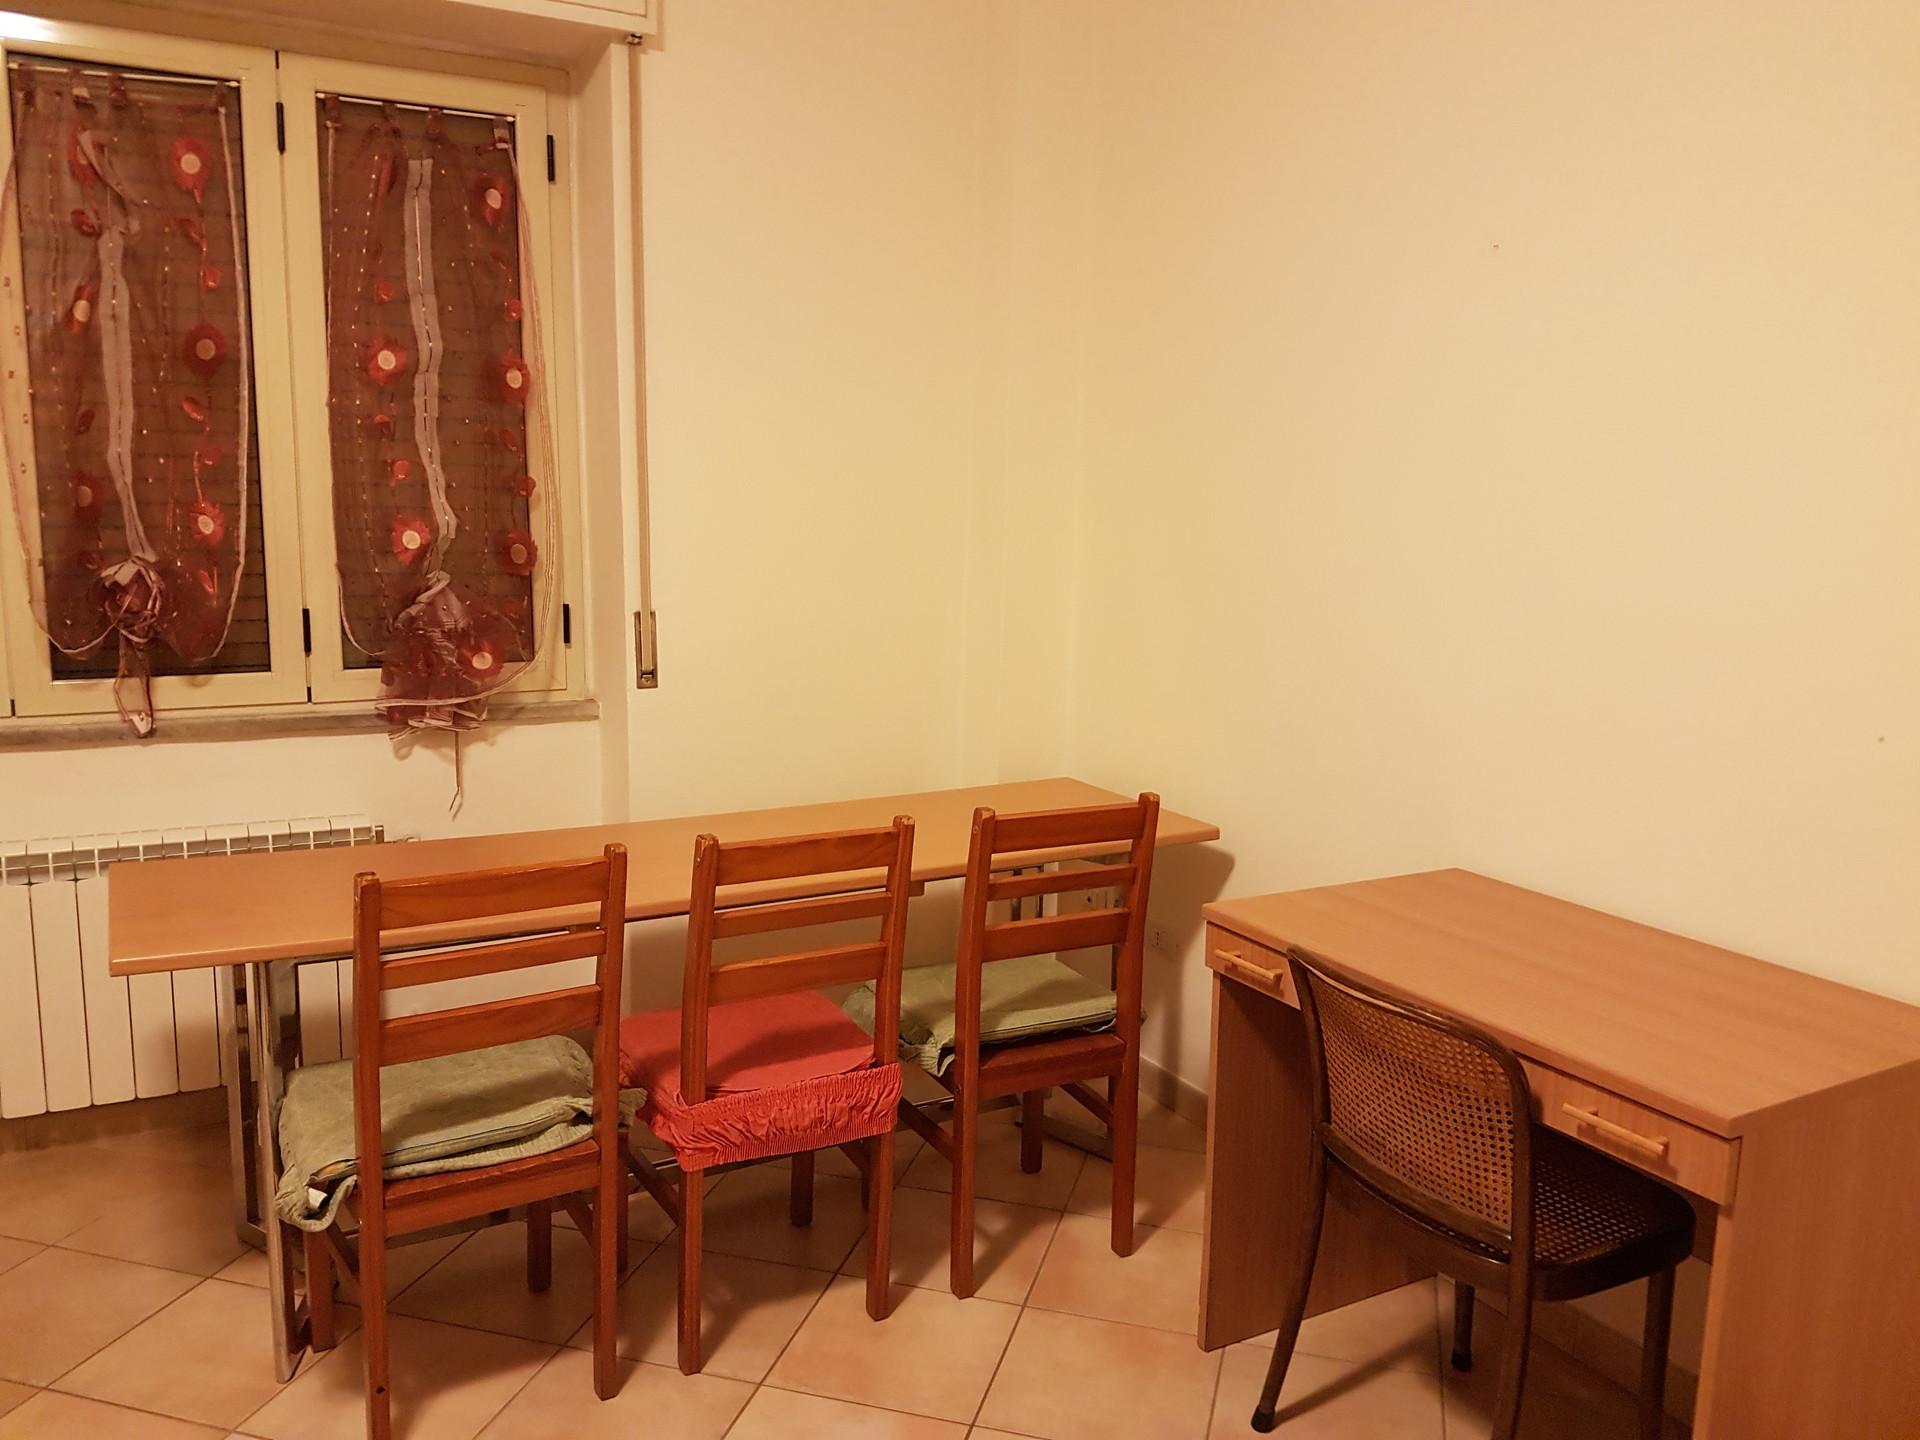 Camera singola in appartamento di 3 camere